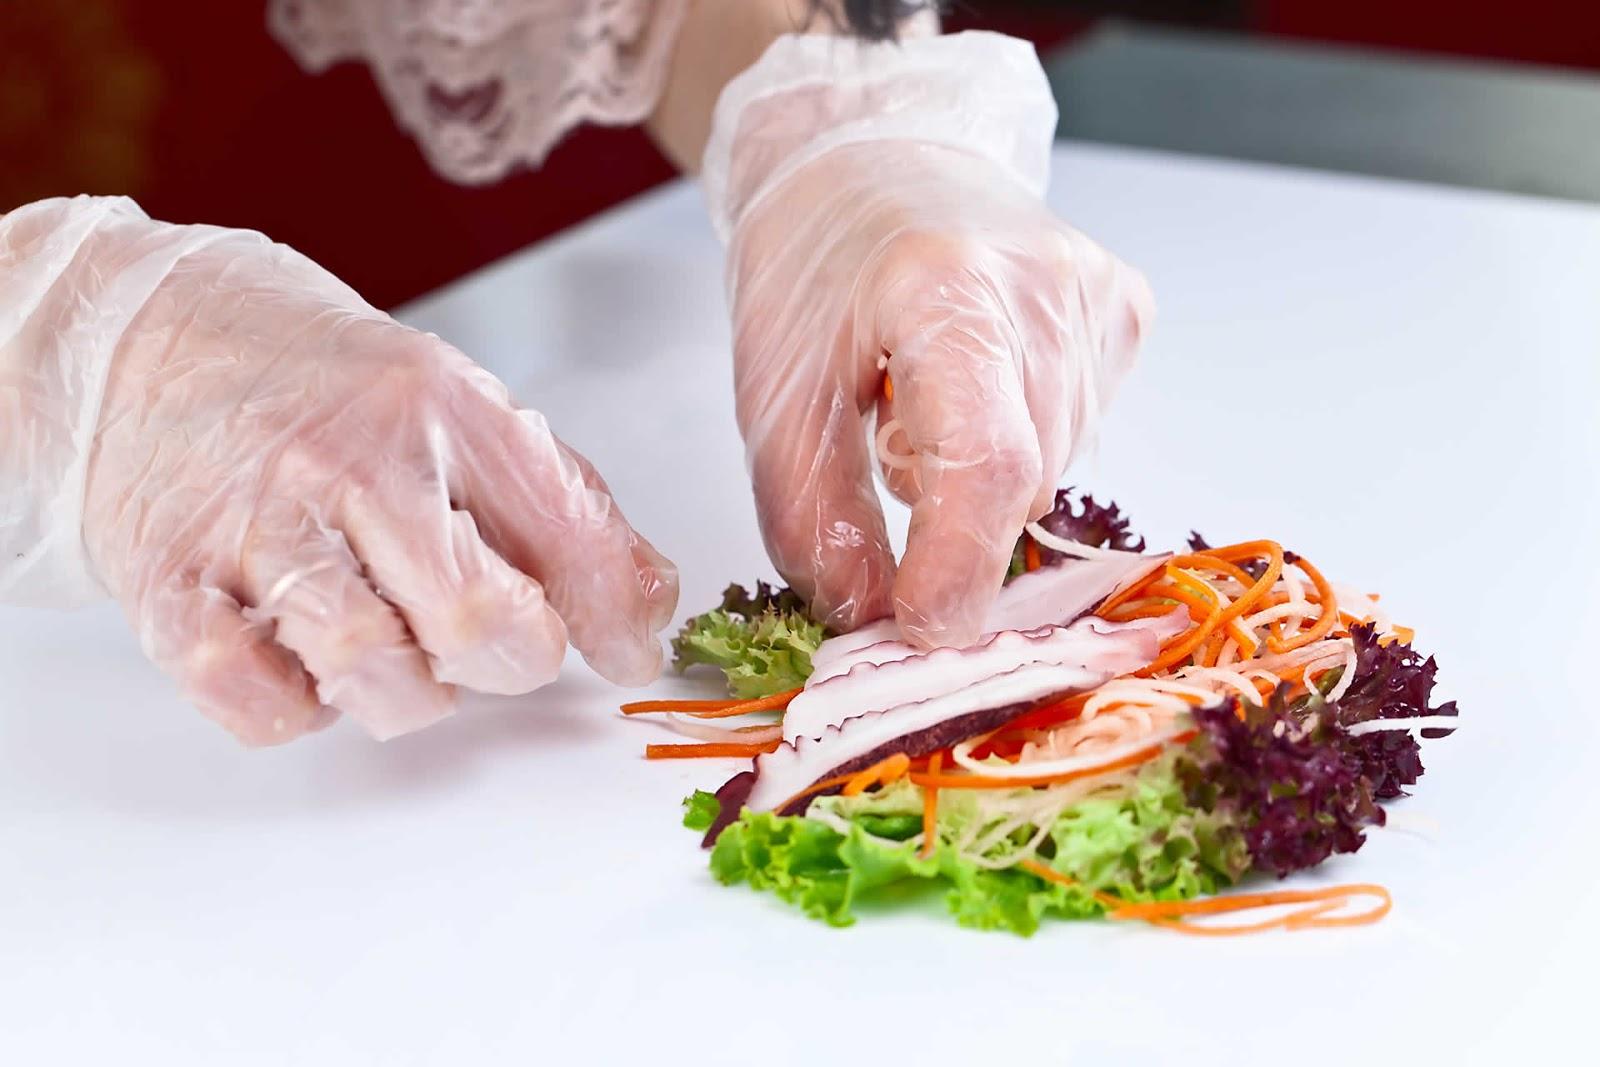 Food-handling.jpg